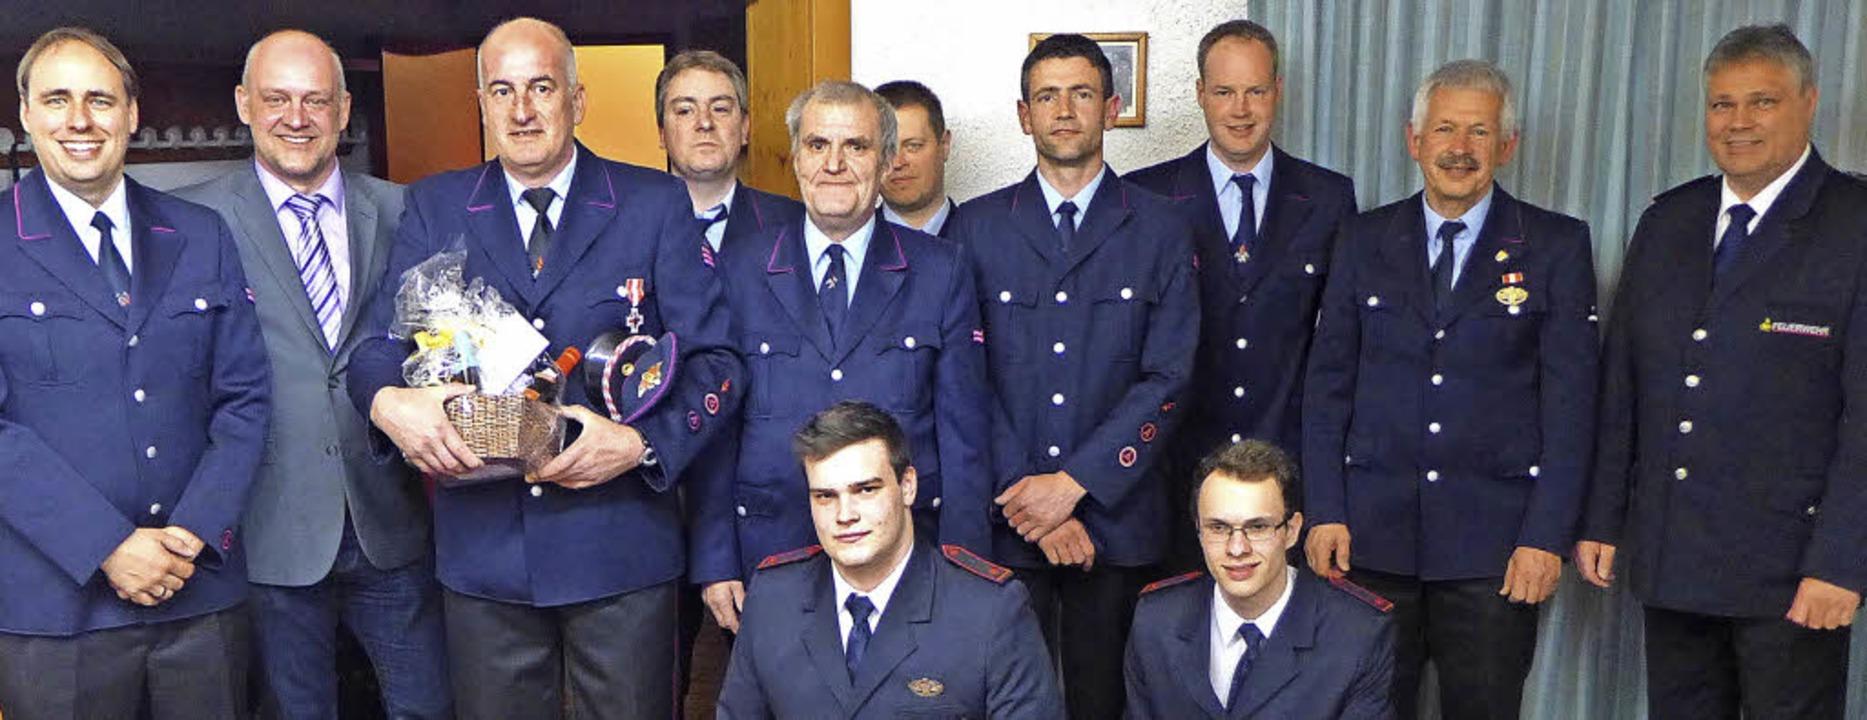 Bürgermeister Christian Rüscher (Zweit...inks) und die beförderten Mitglieder.     Foto: karin maier